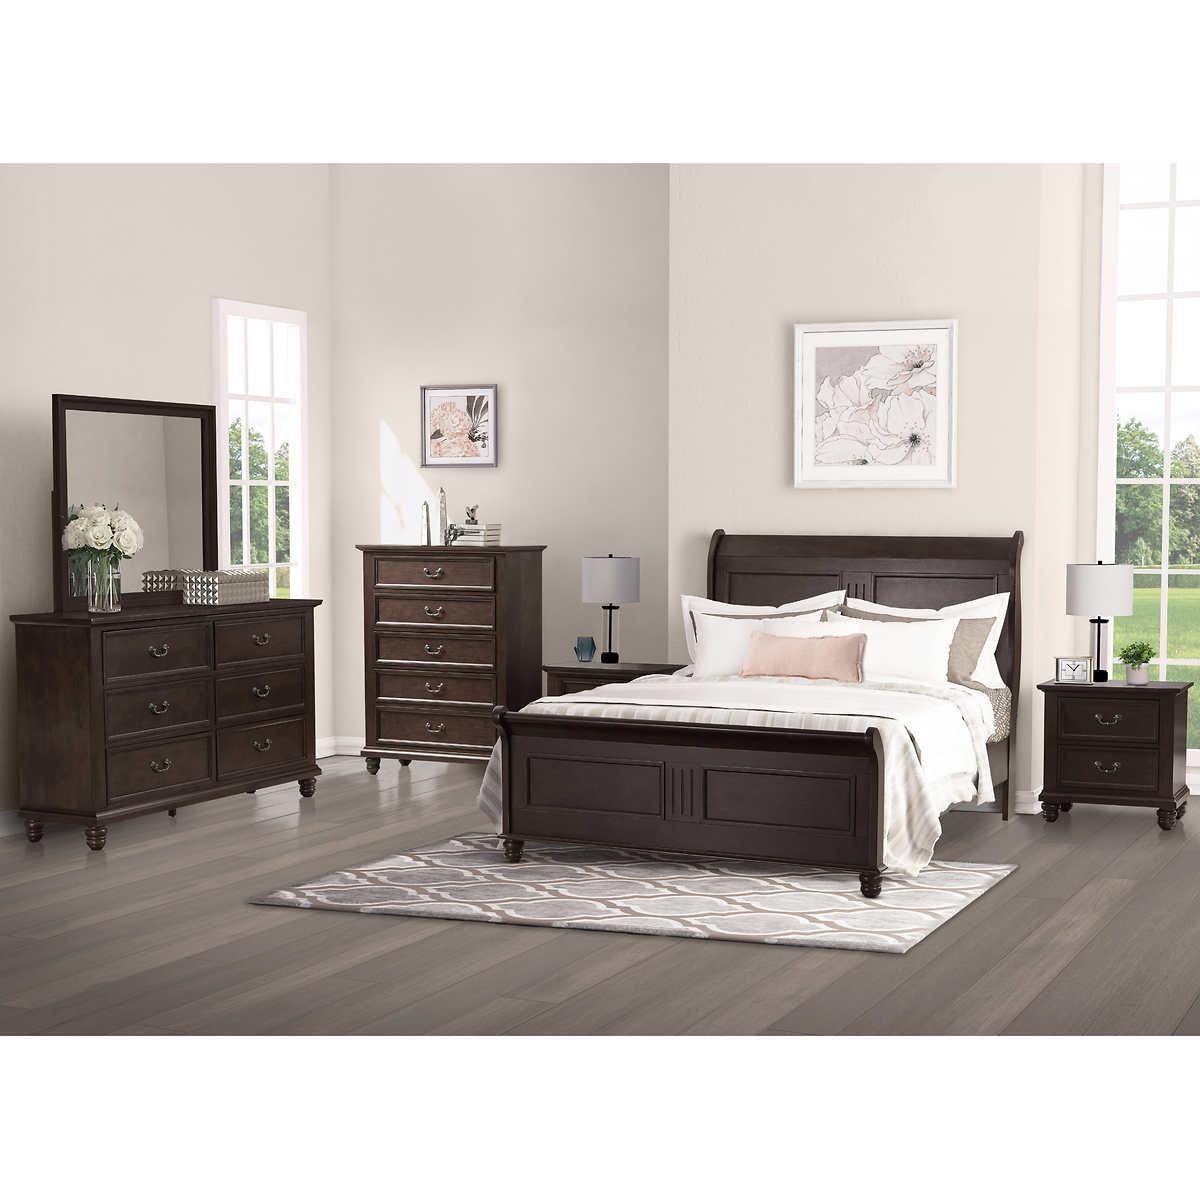 Caymen 6 piece Queen Bedroom Set  Item  568887  Click to Zoom. Caymen 6 piece Queen Bedroom Set